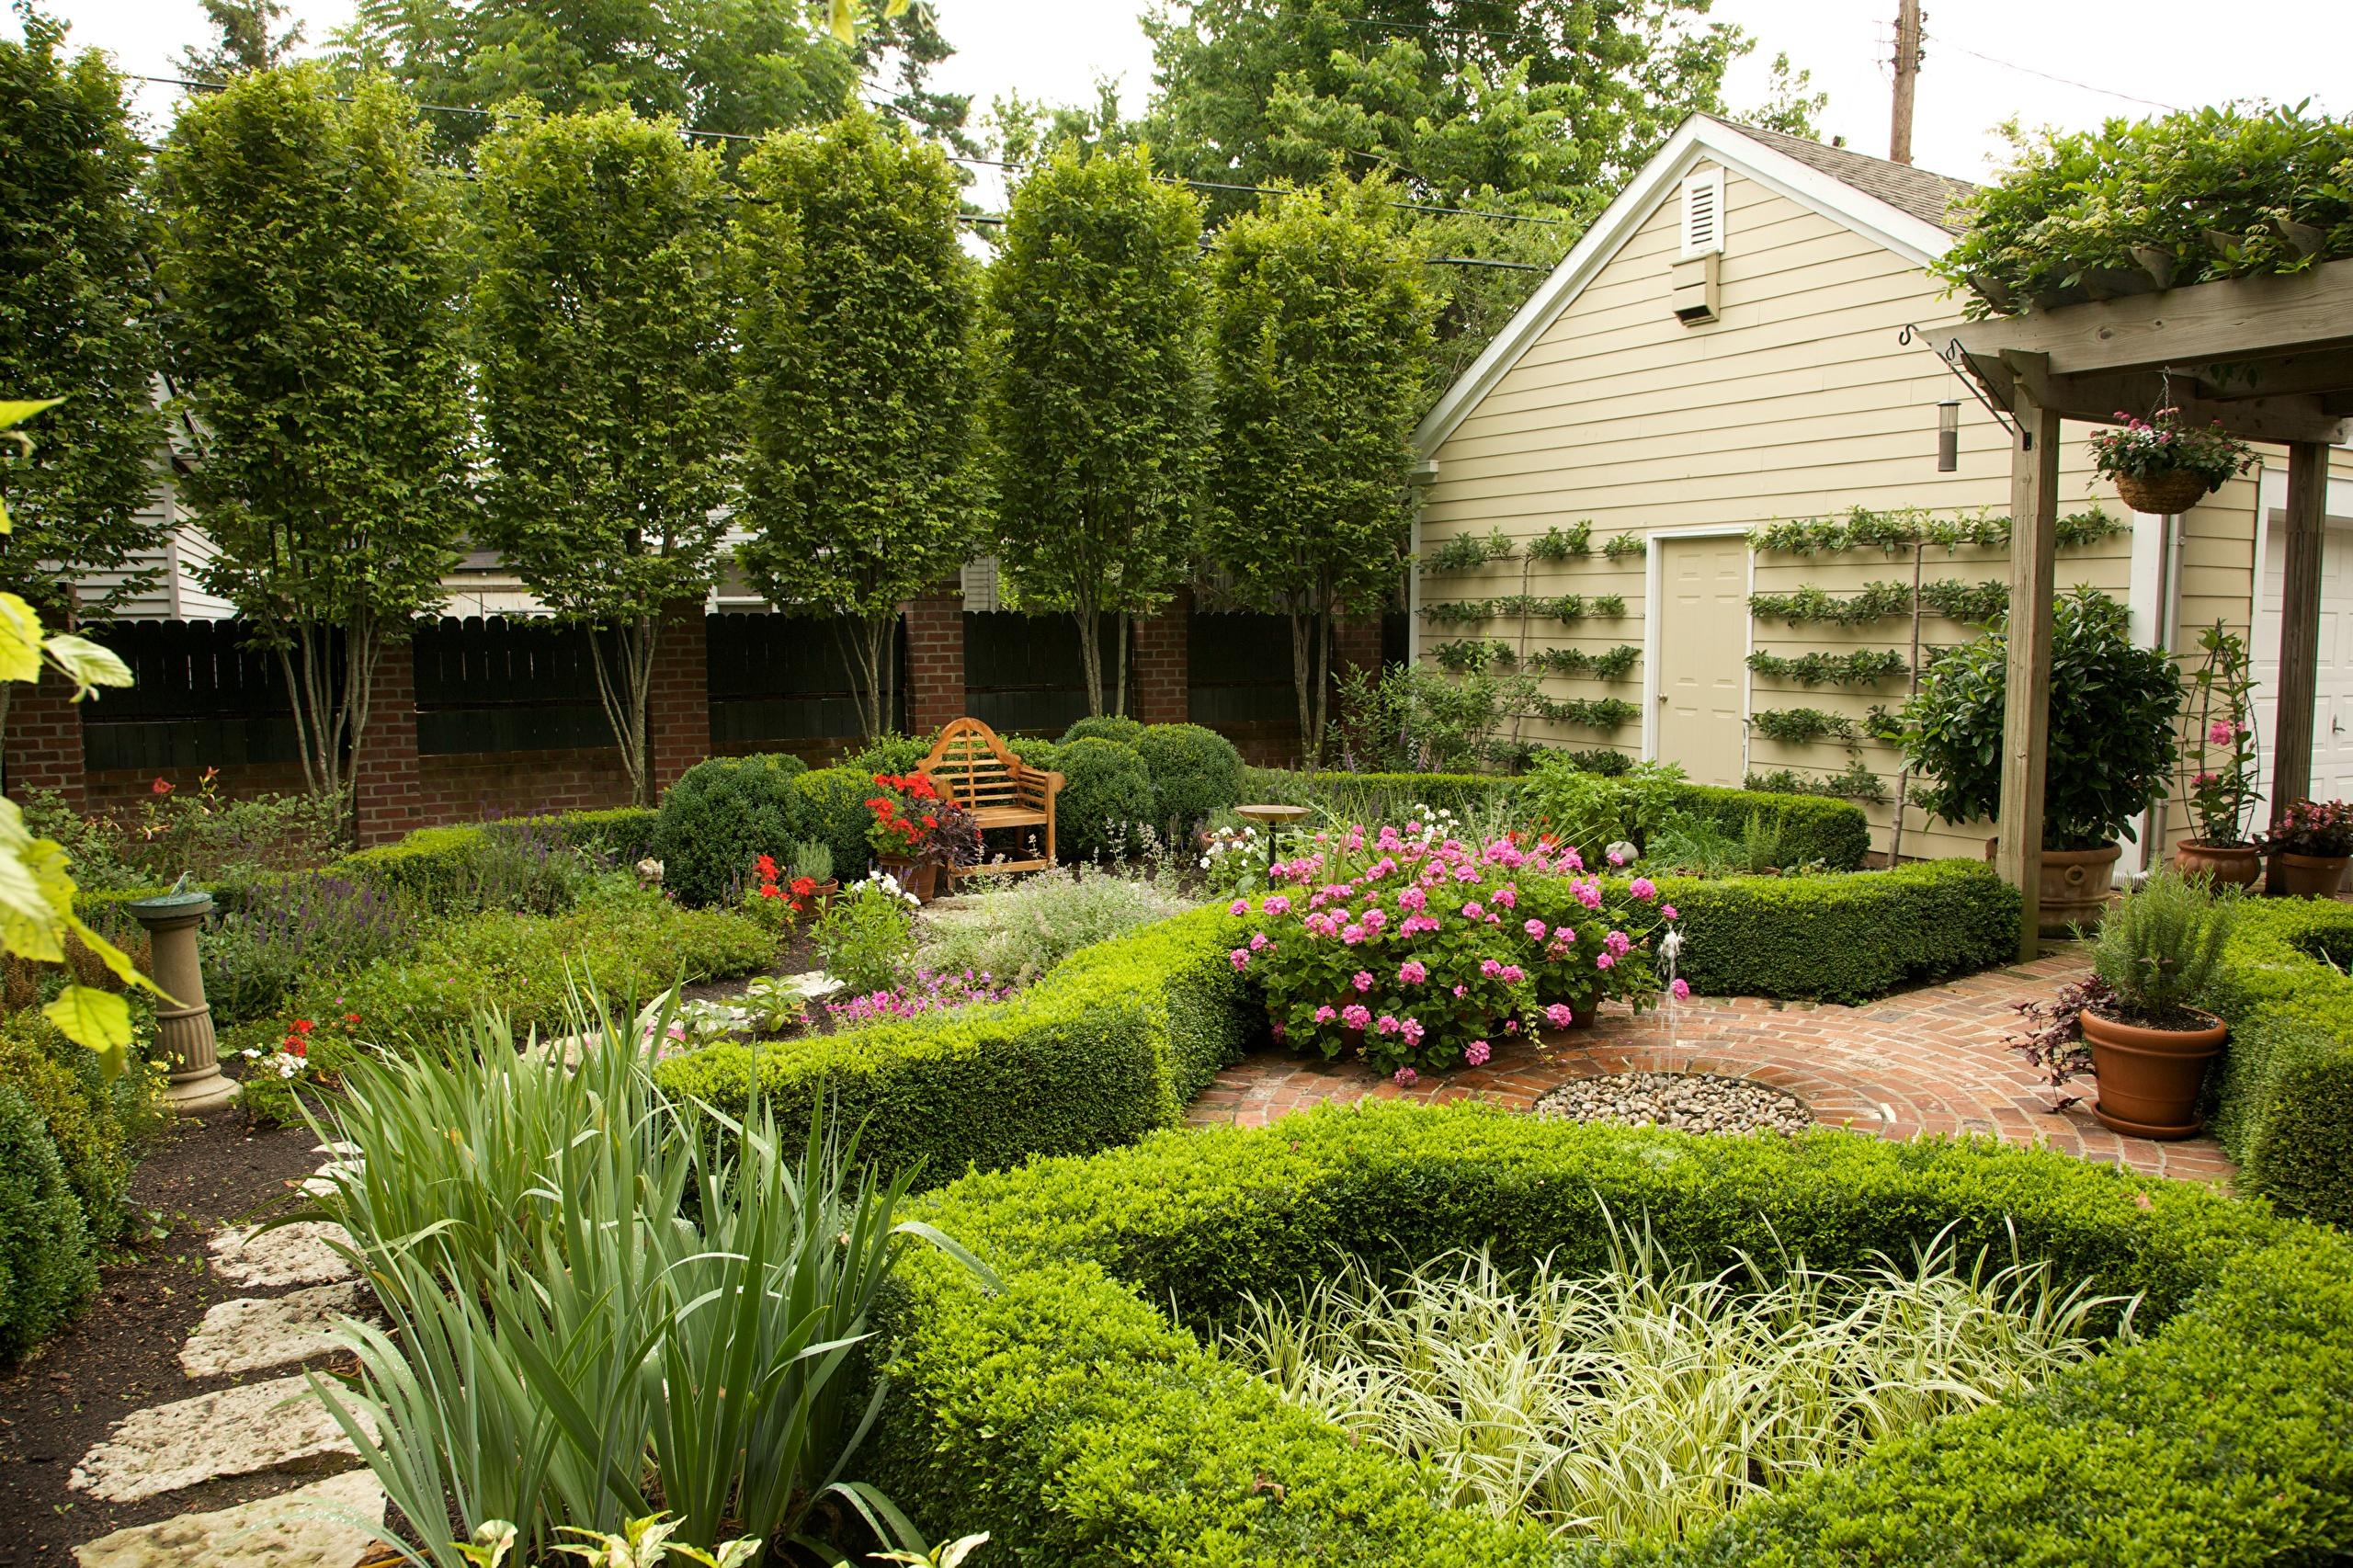 усмехнувшись, заметил, дизайн сада огорода в частном доме фото этот раз